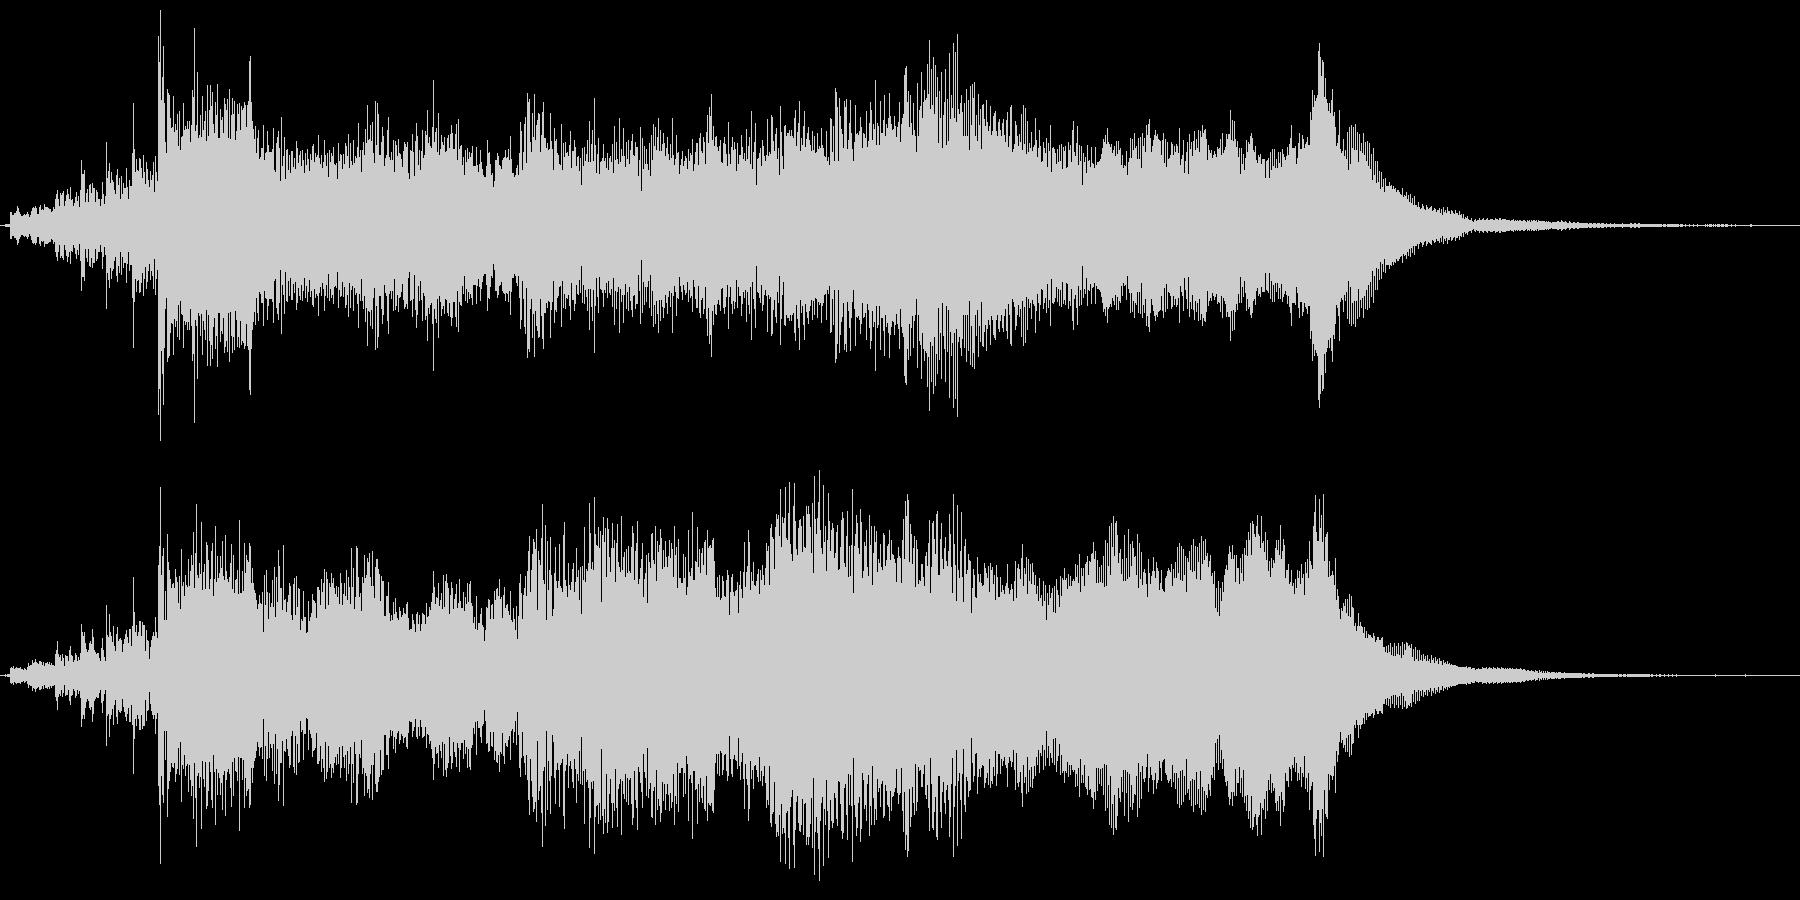 短め・壮大なオーケストラのファンファーレの未再生の波形